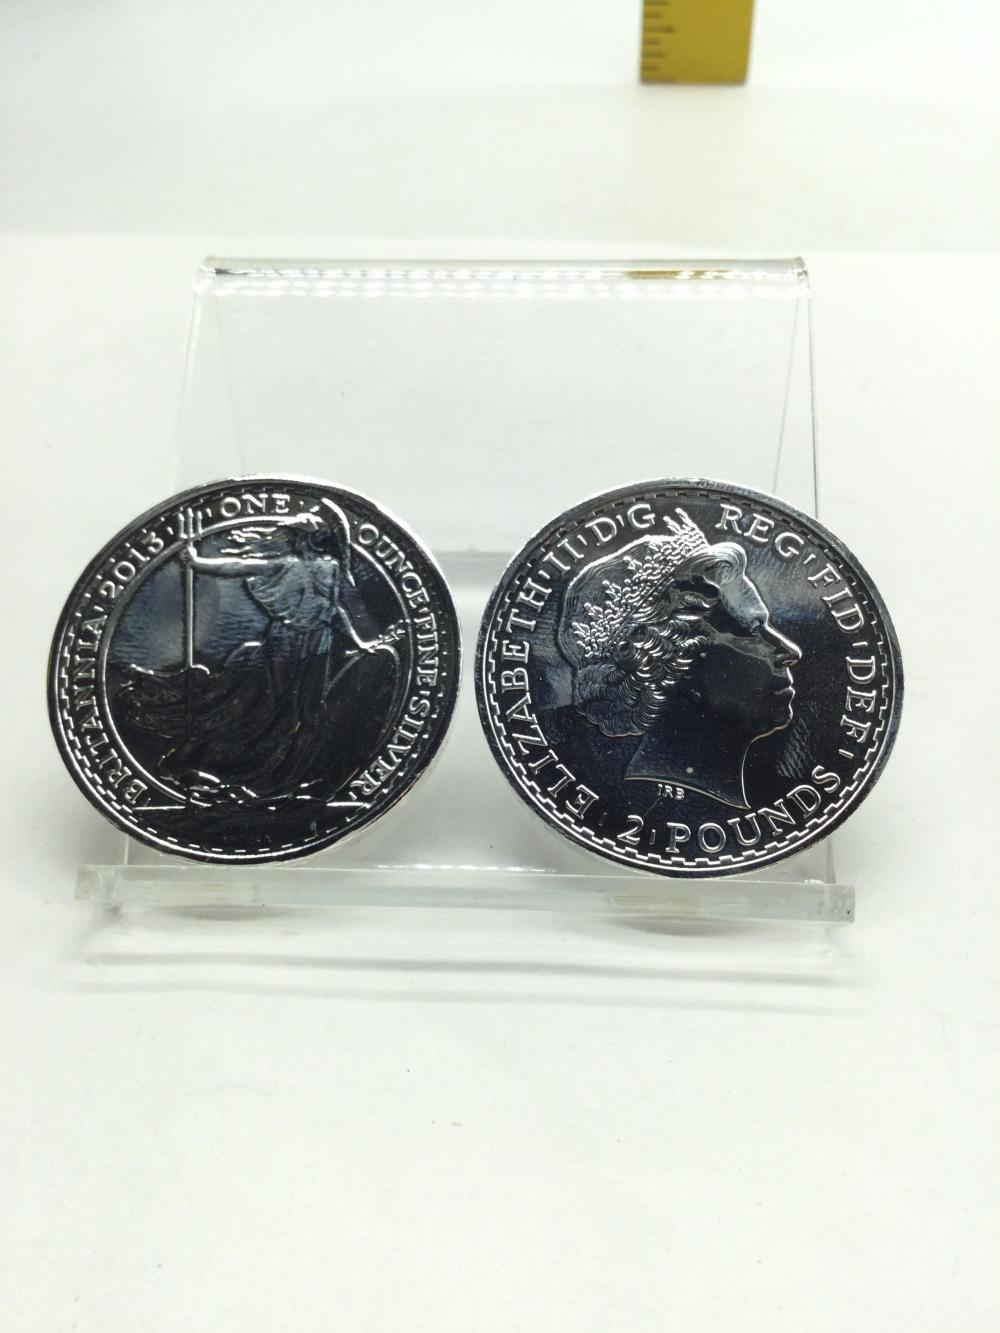 2 Britannia Silver Rounds